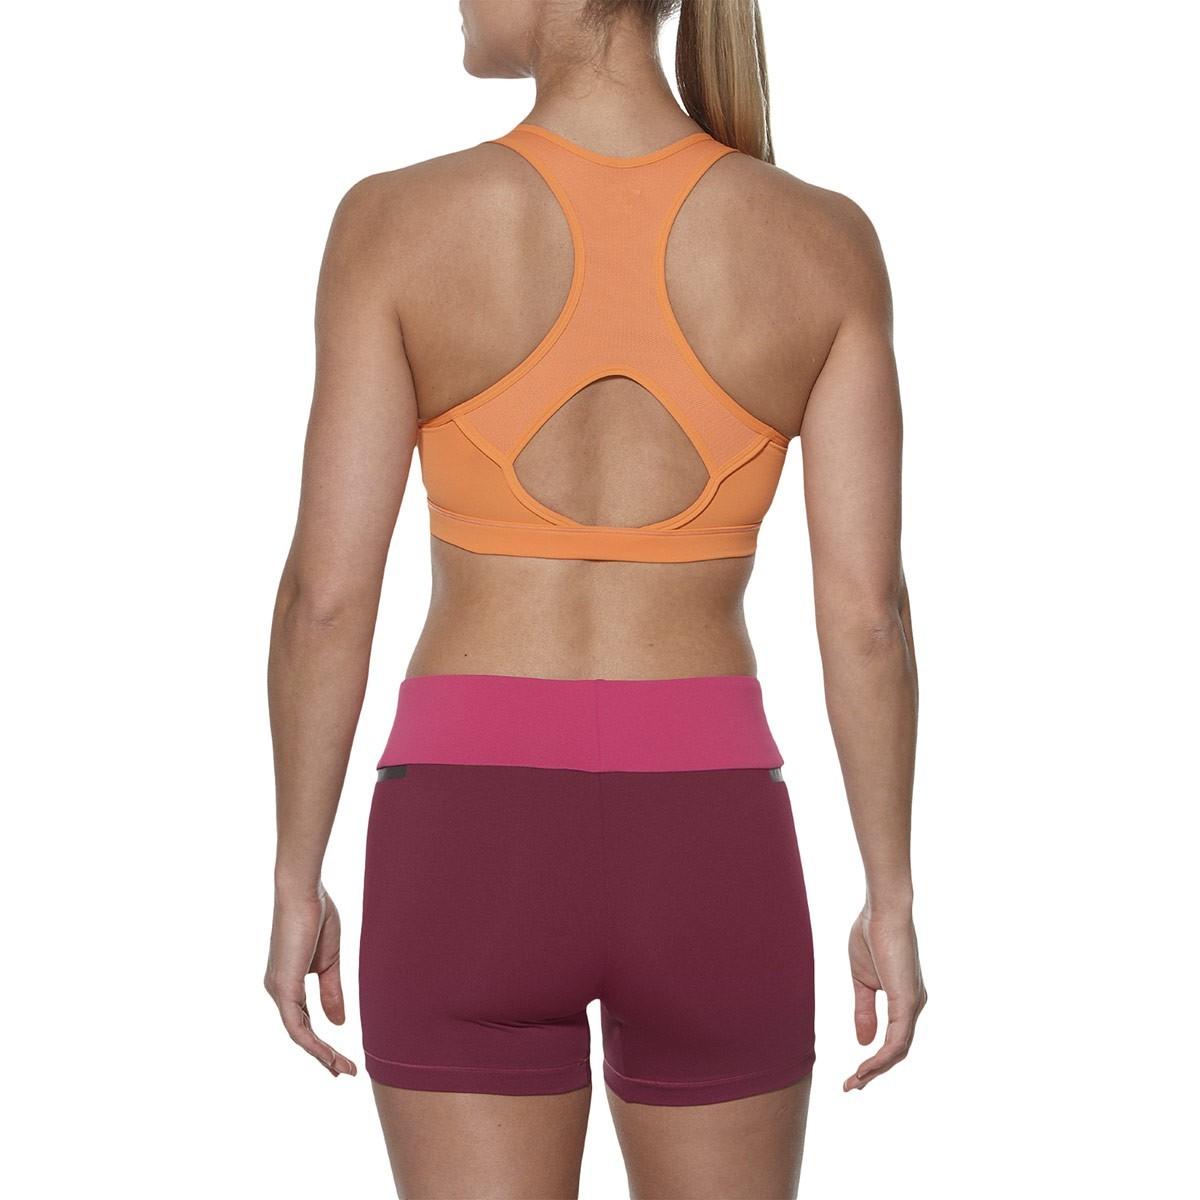 Женский спортивный топ фитнеса Asics Racerback Bra Top (130465 0558) оранжевый фот